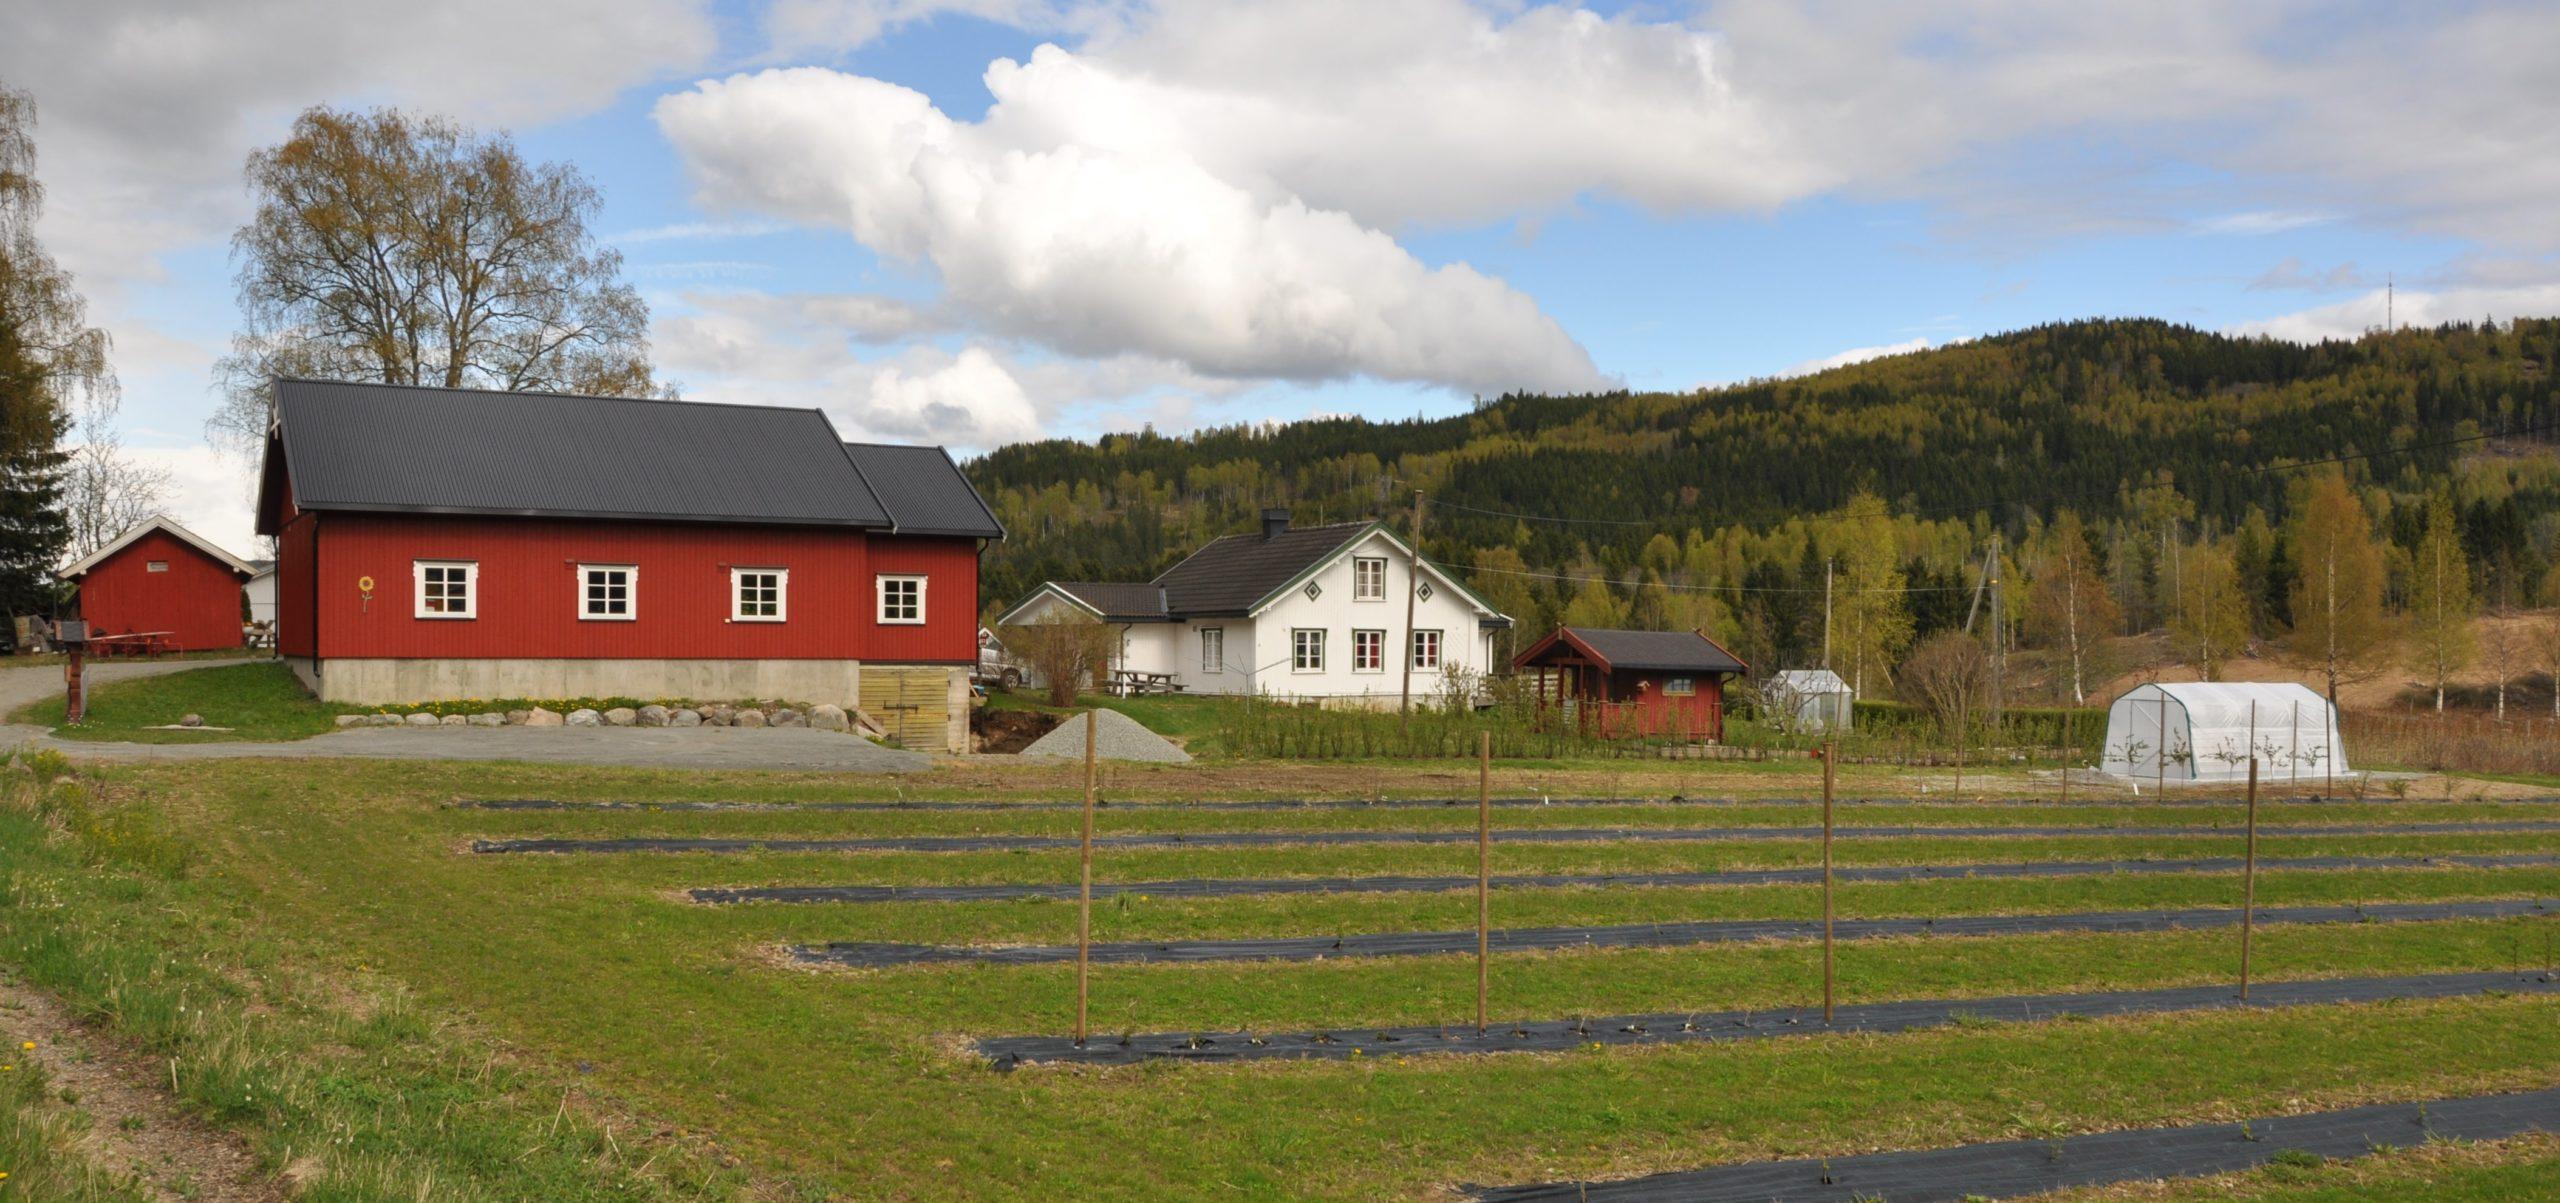 Fremstad gård - bærproduksjon